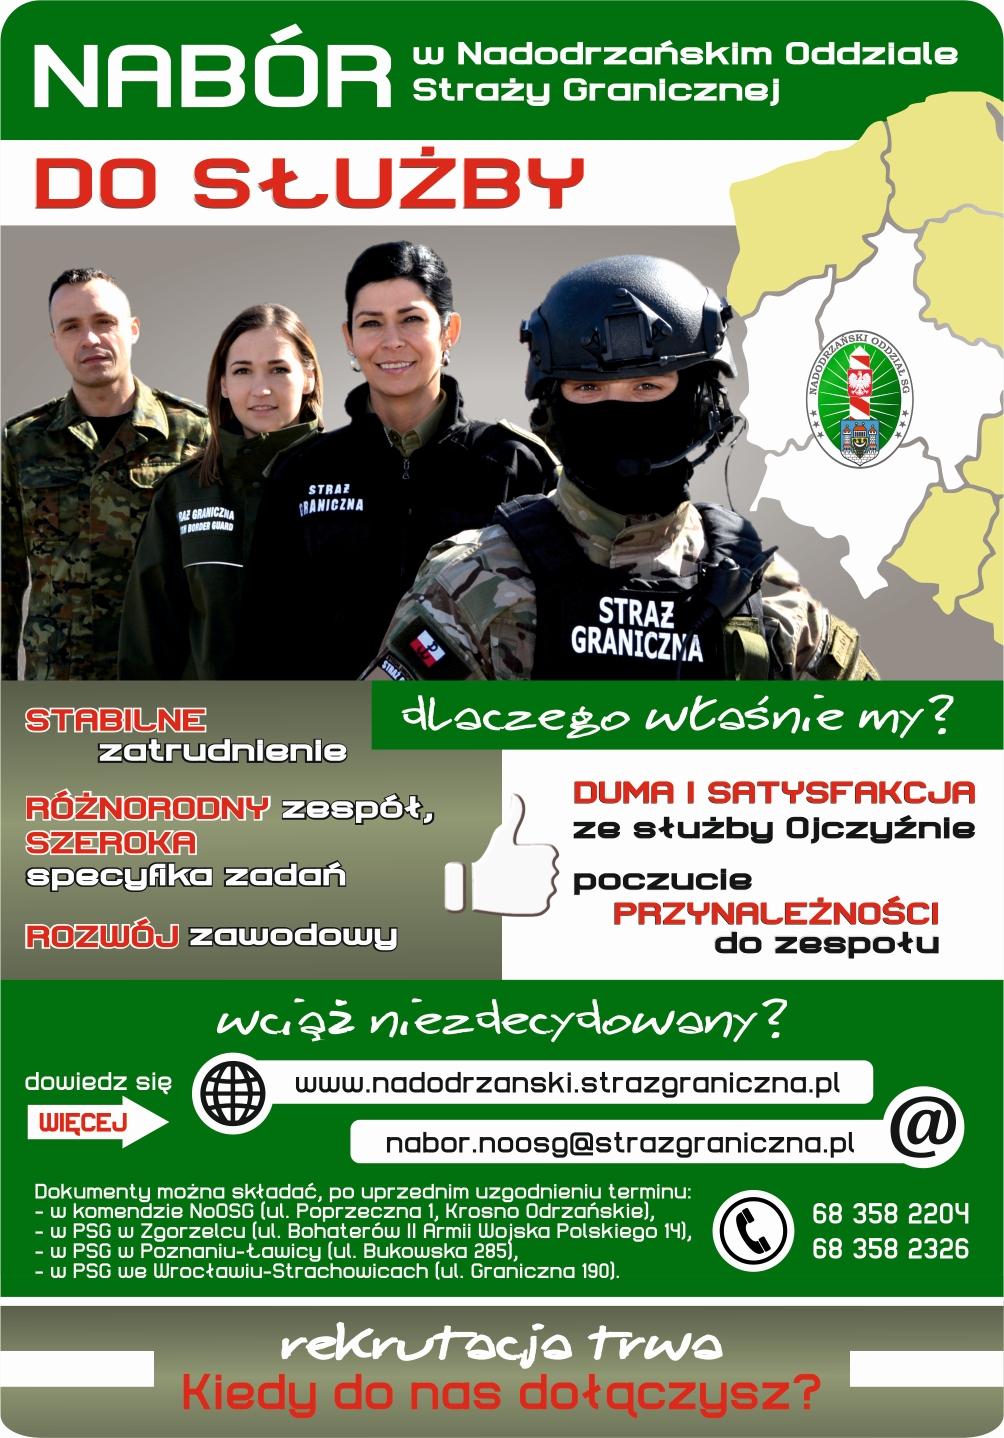 Duma i satysfakcja ze służby Ojczyźnie. Trwa nabór do służby w Straży Granicznej